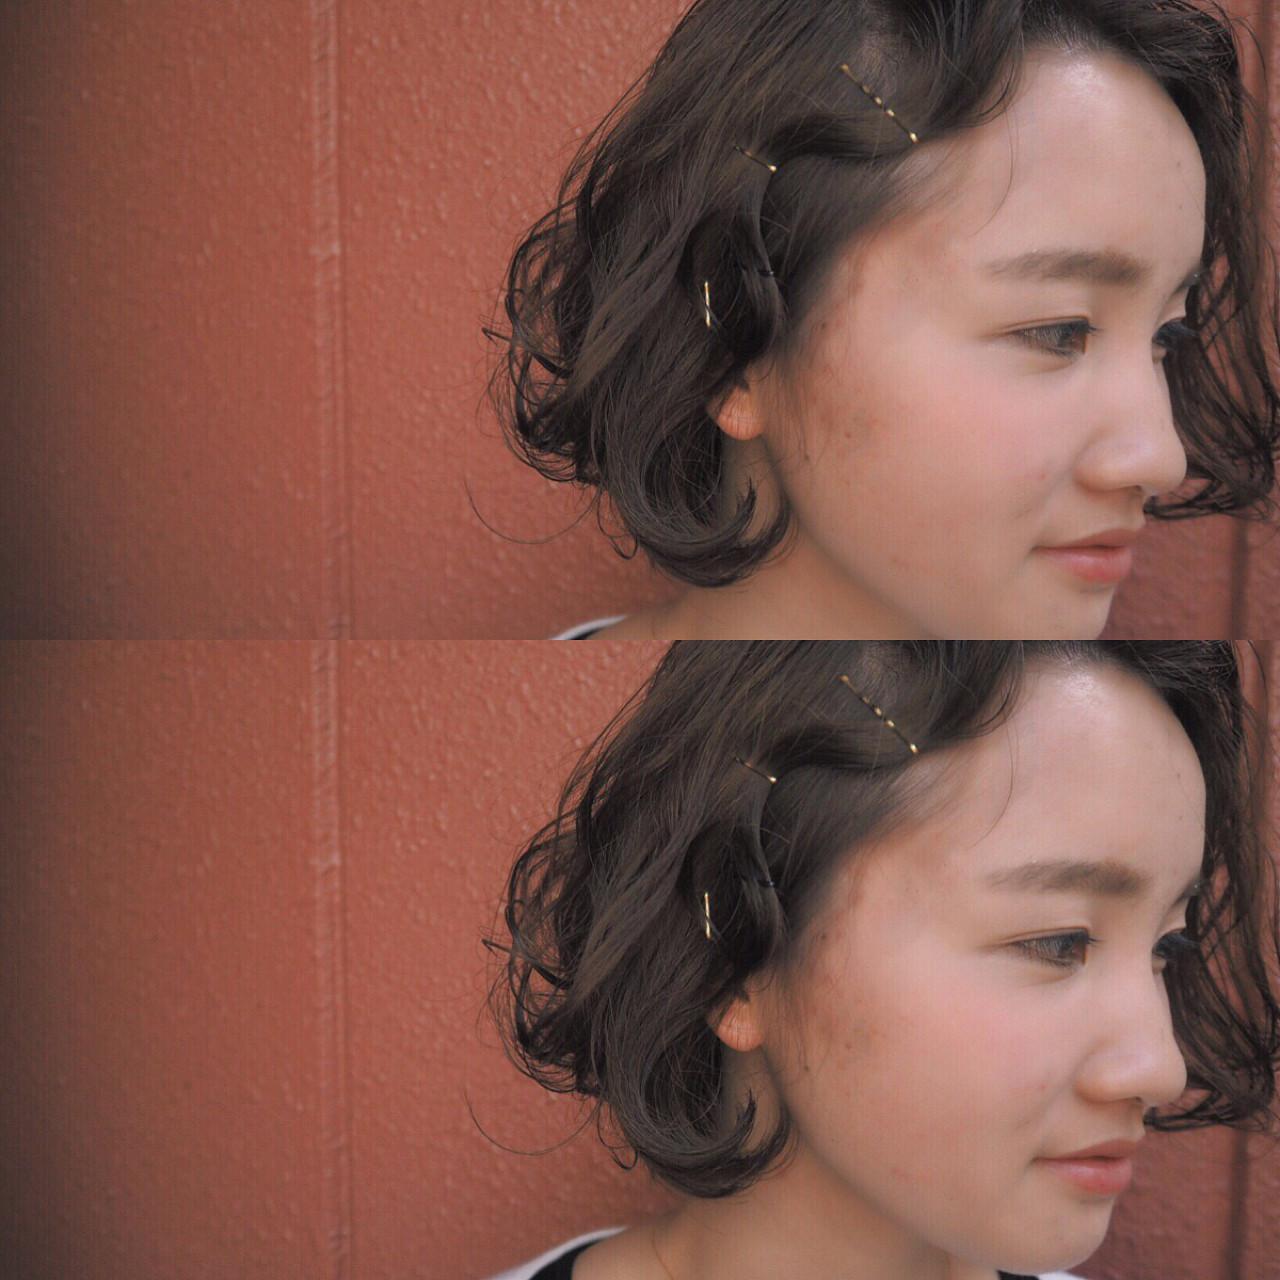 【2016夏ヘアアレンジ特集】ショートヘアでもできるアレンジ♡この夏のスタイル可愛さ倍増しちゃえ♪ 宮迫 真美